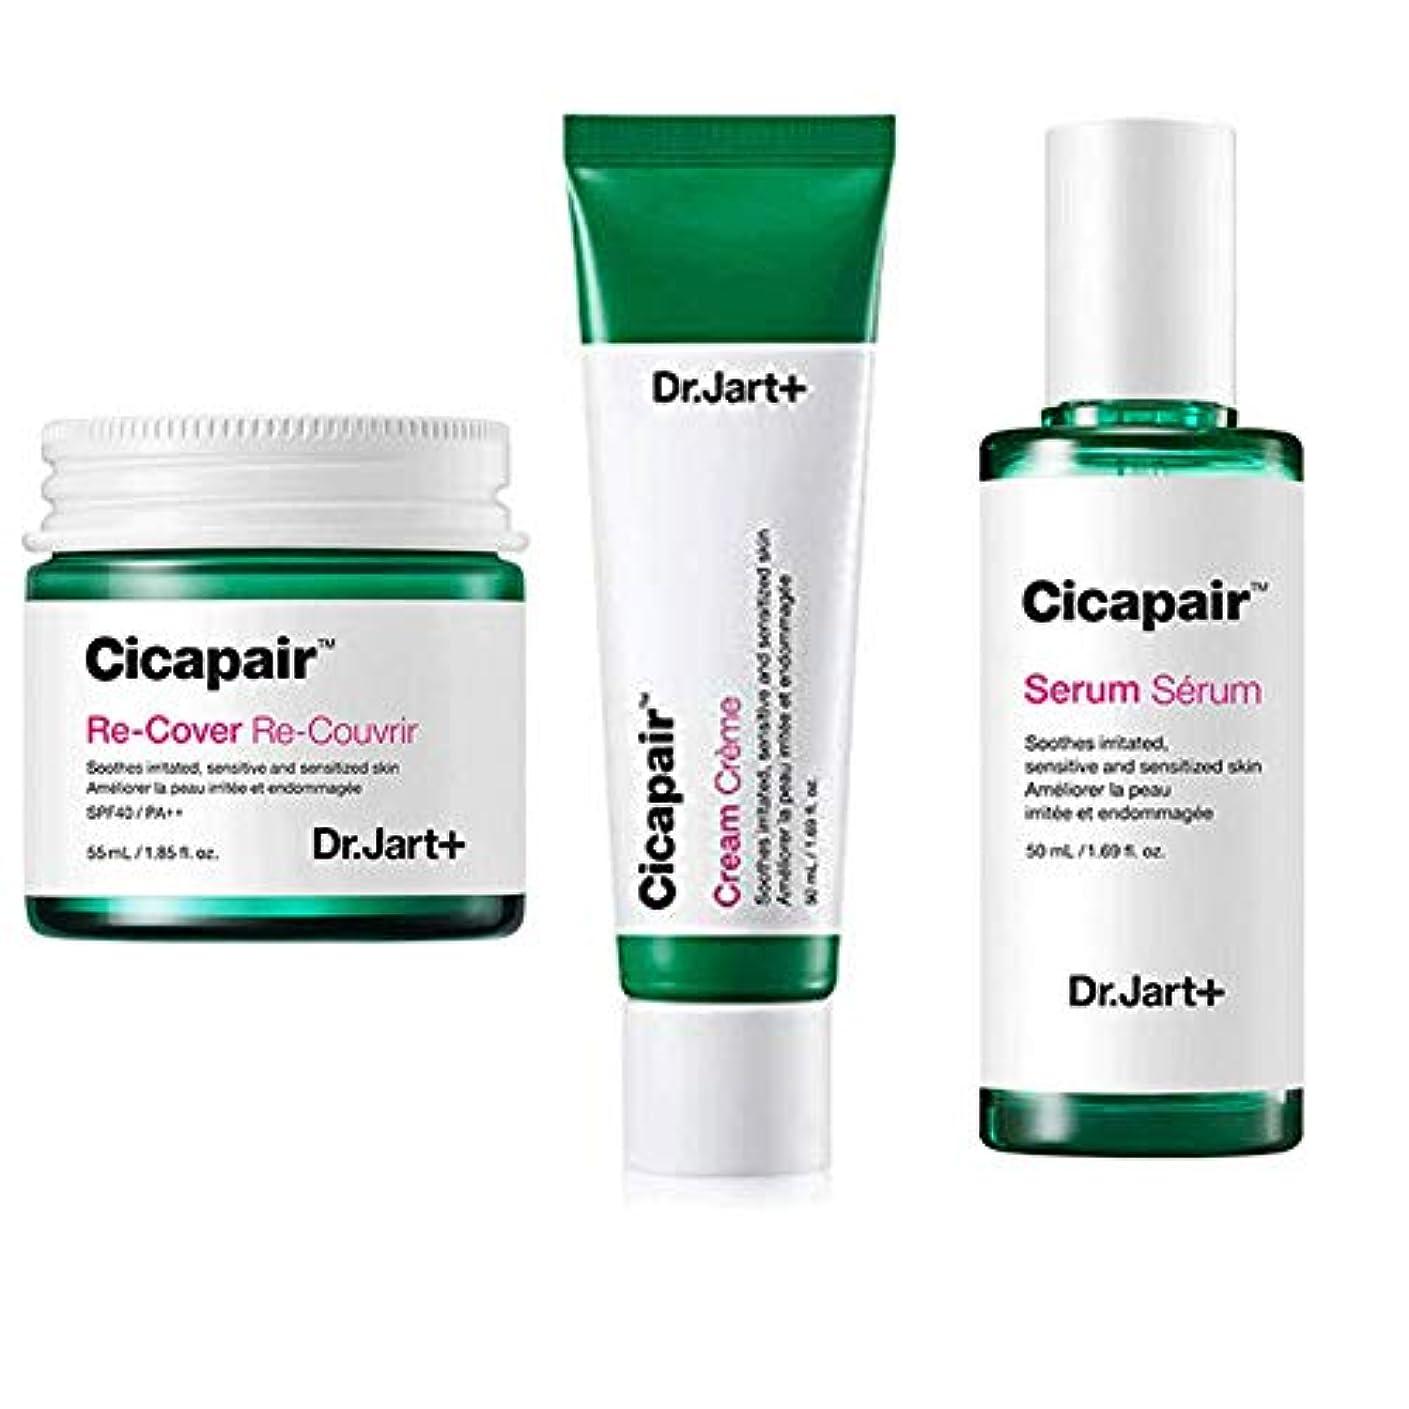 相対的超越する有力者Dr.Jart+ Cicapair Cream + ReCover + Serum ドクタージャルトシカペアクリーム50ml + リカバー 55ml + セラム 50ml(2代目) セット [並行輸入品]